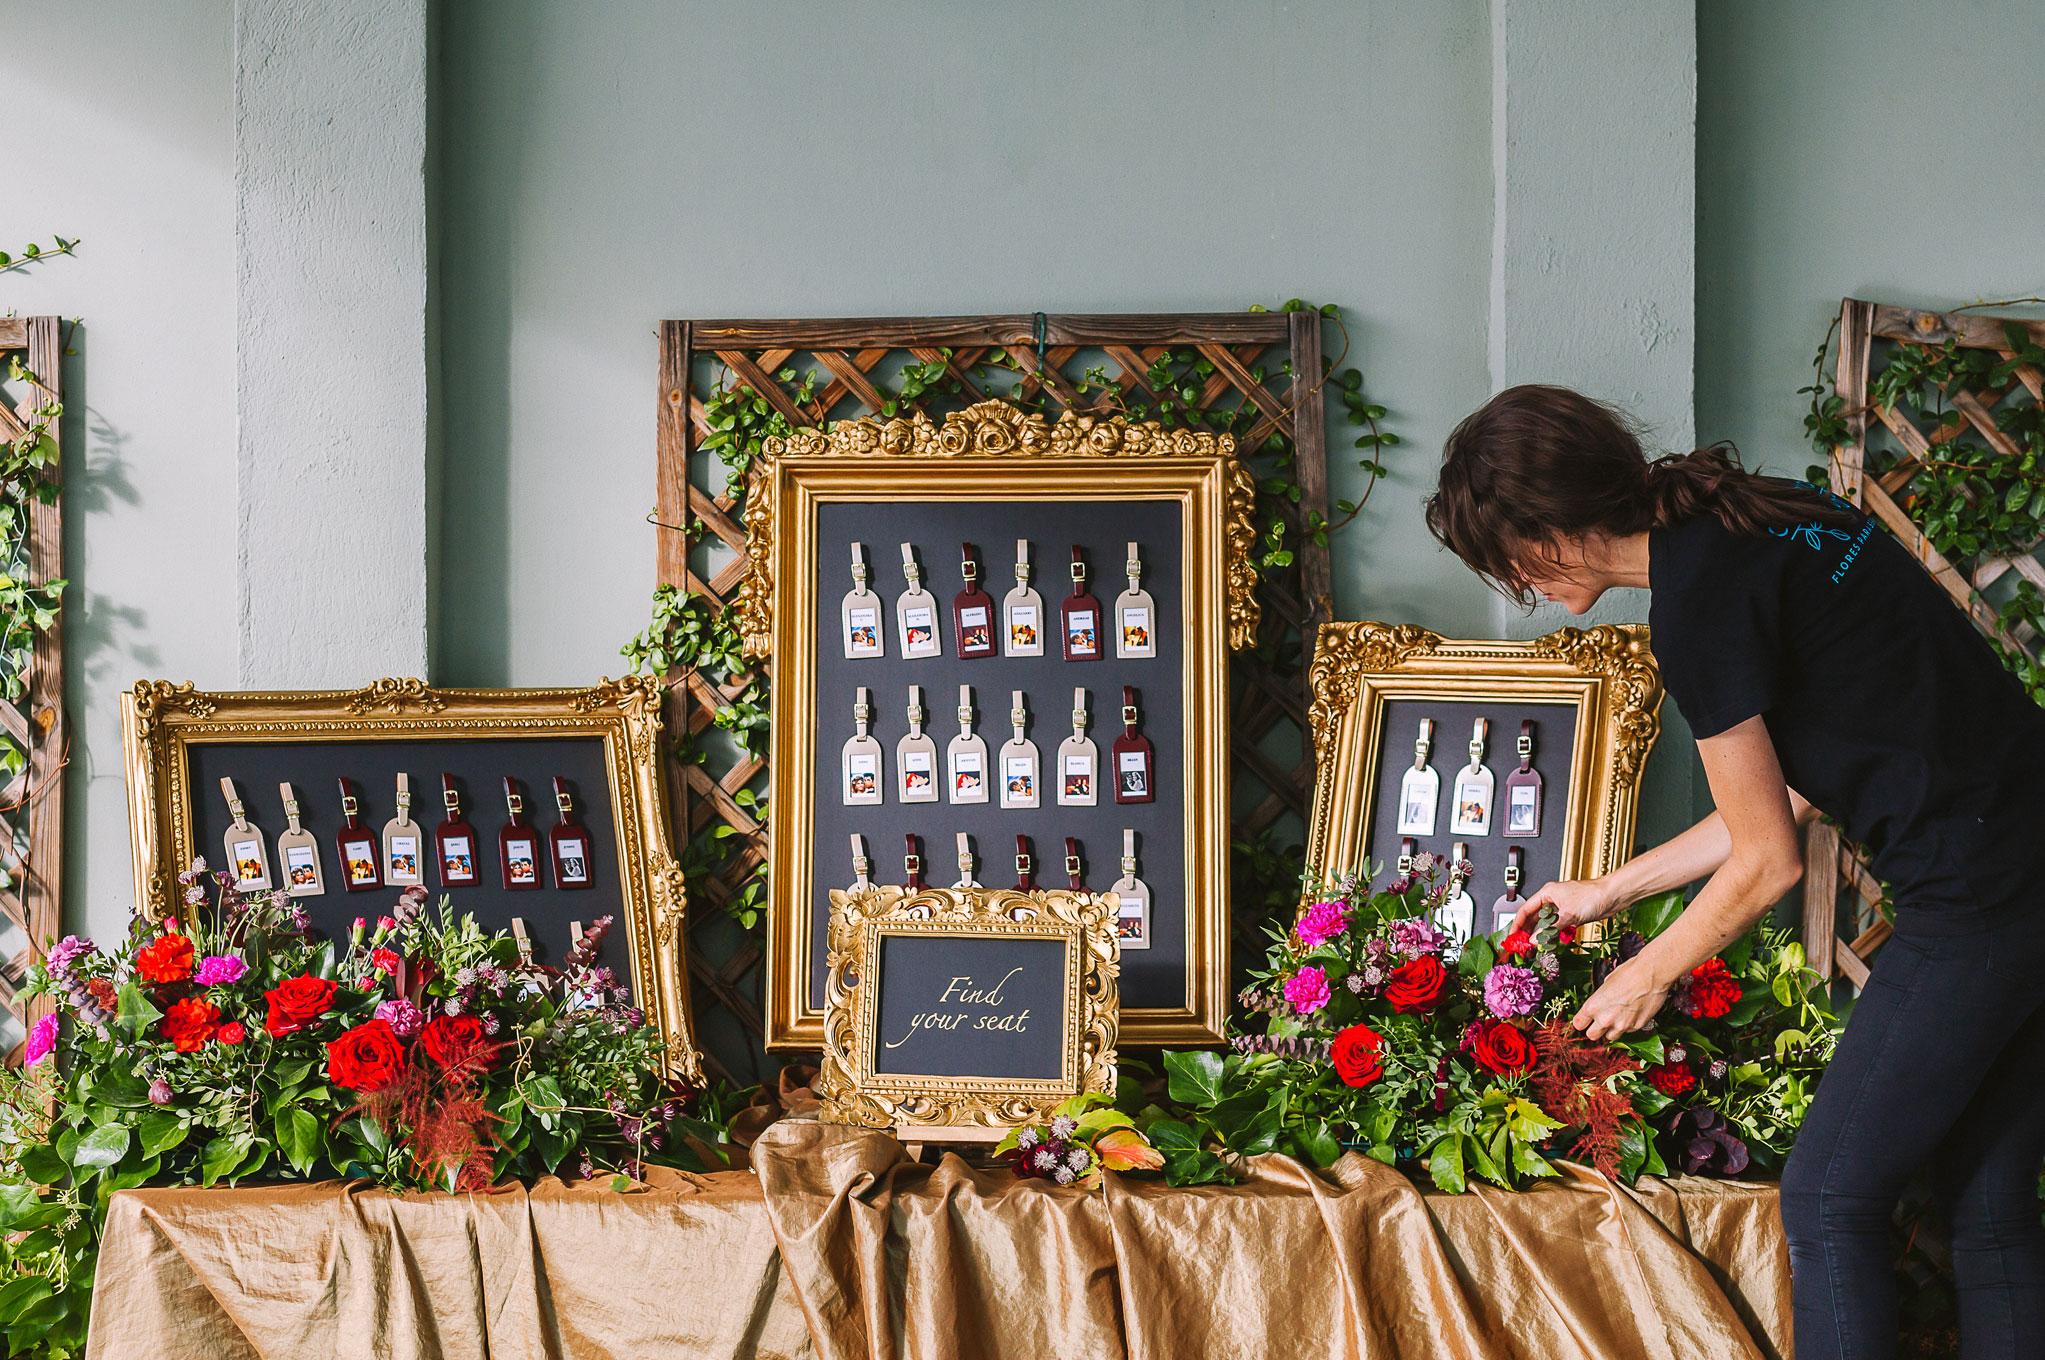 Arbolande decoración floral eventos protocolo Neima Pidal